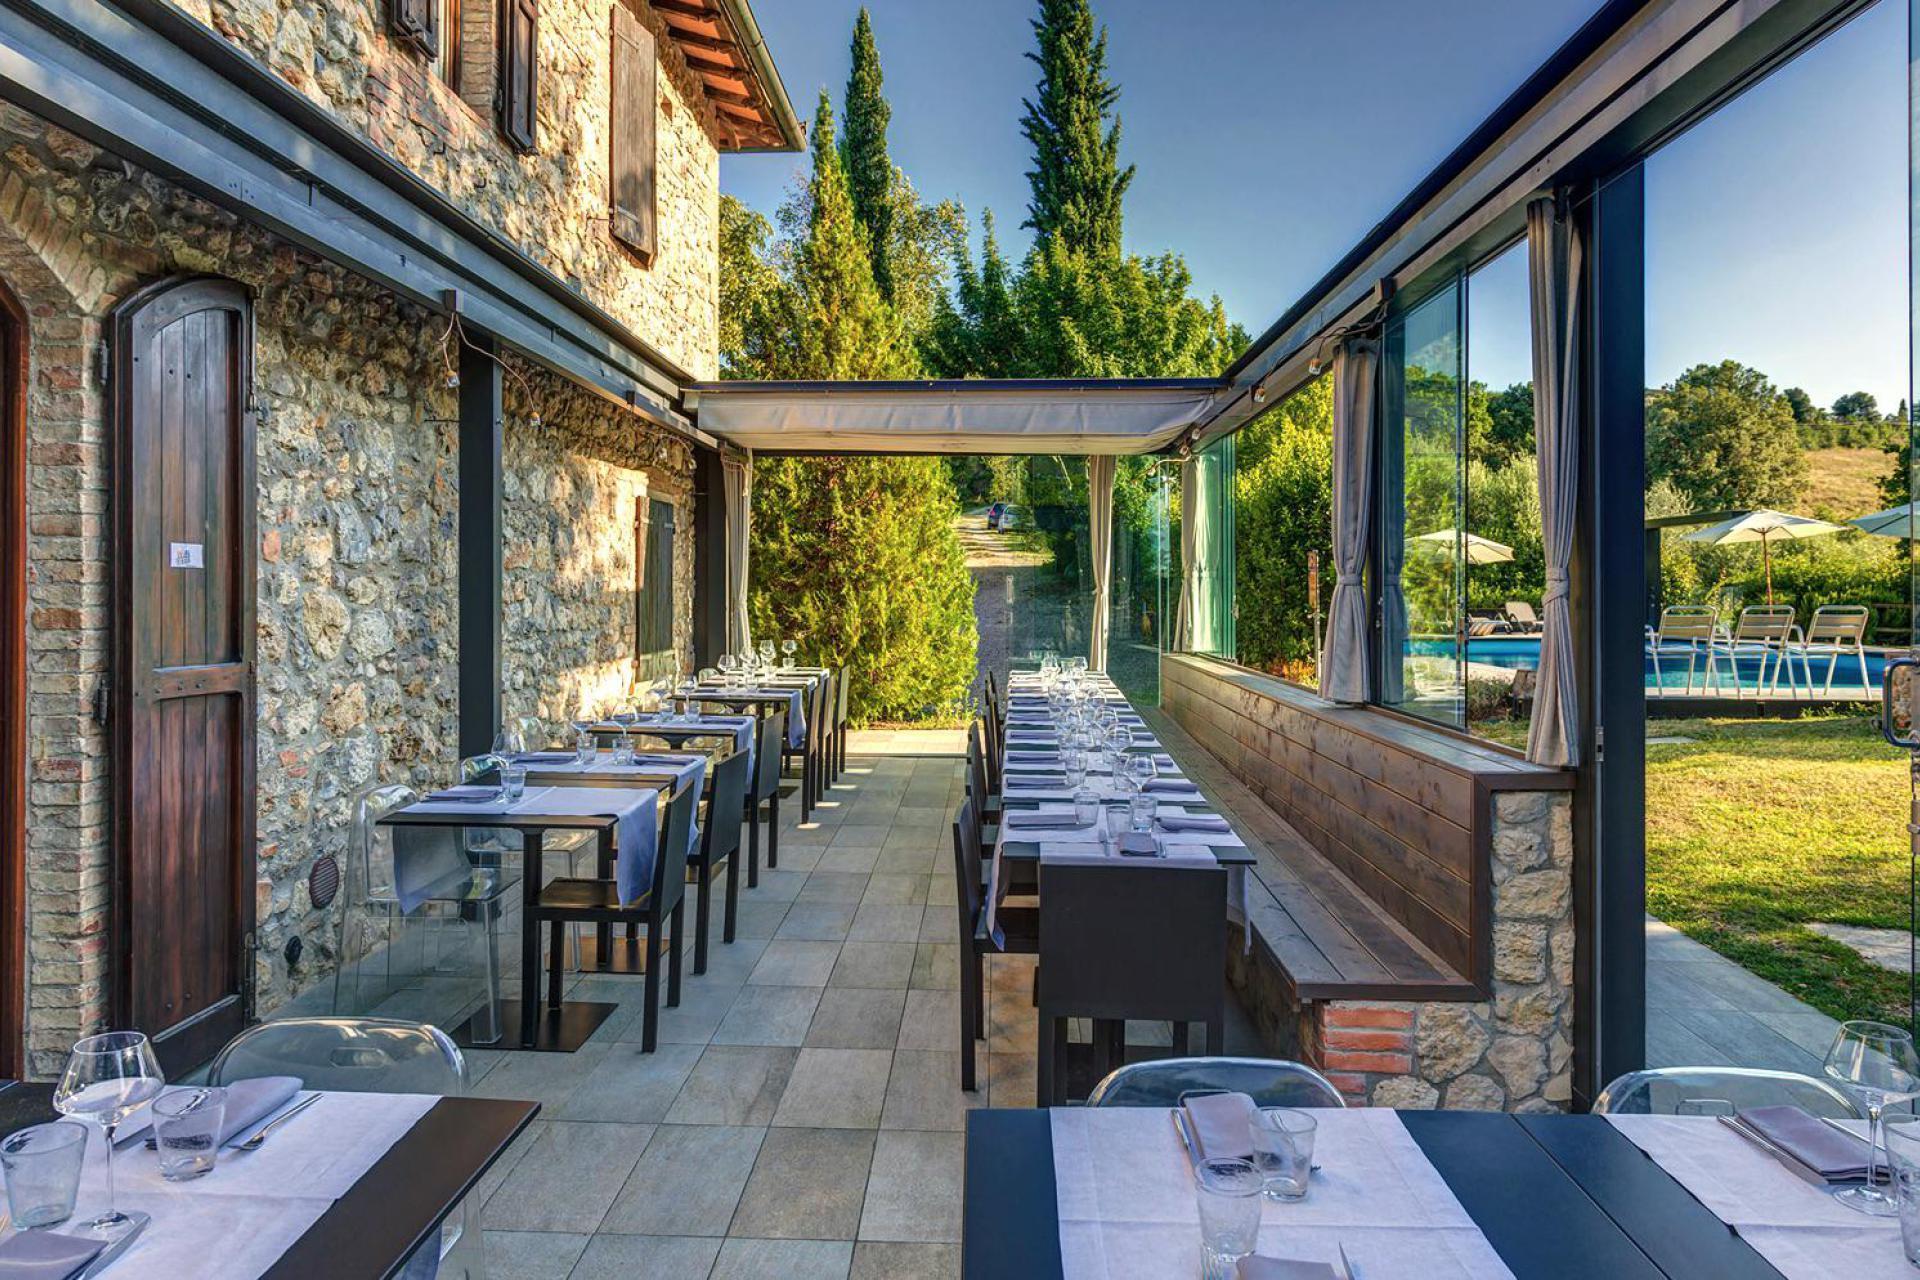 Agriturismo Umbria Agriturismo - Farmhouse not far from Lake Trasimeno